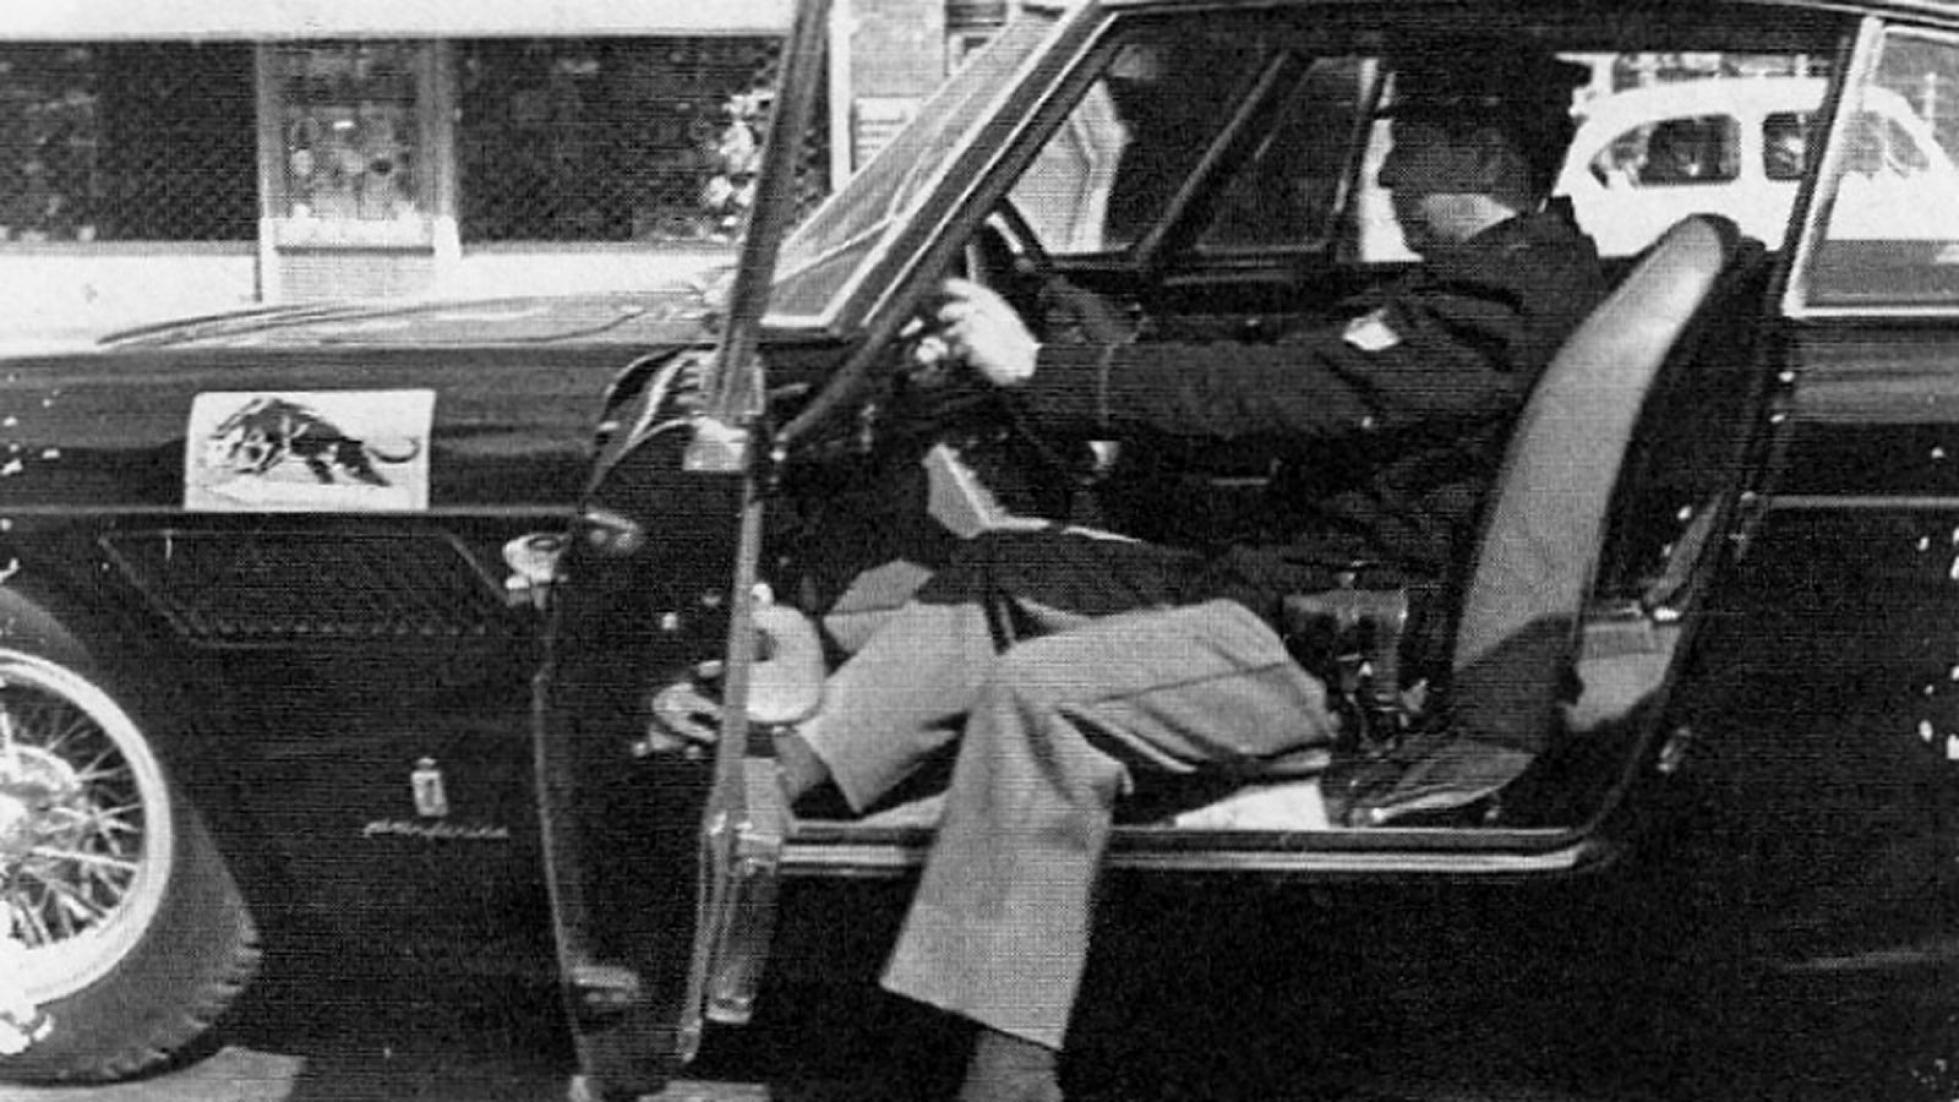 Ferrari-250-GTE-Polizia-1962-9